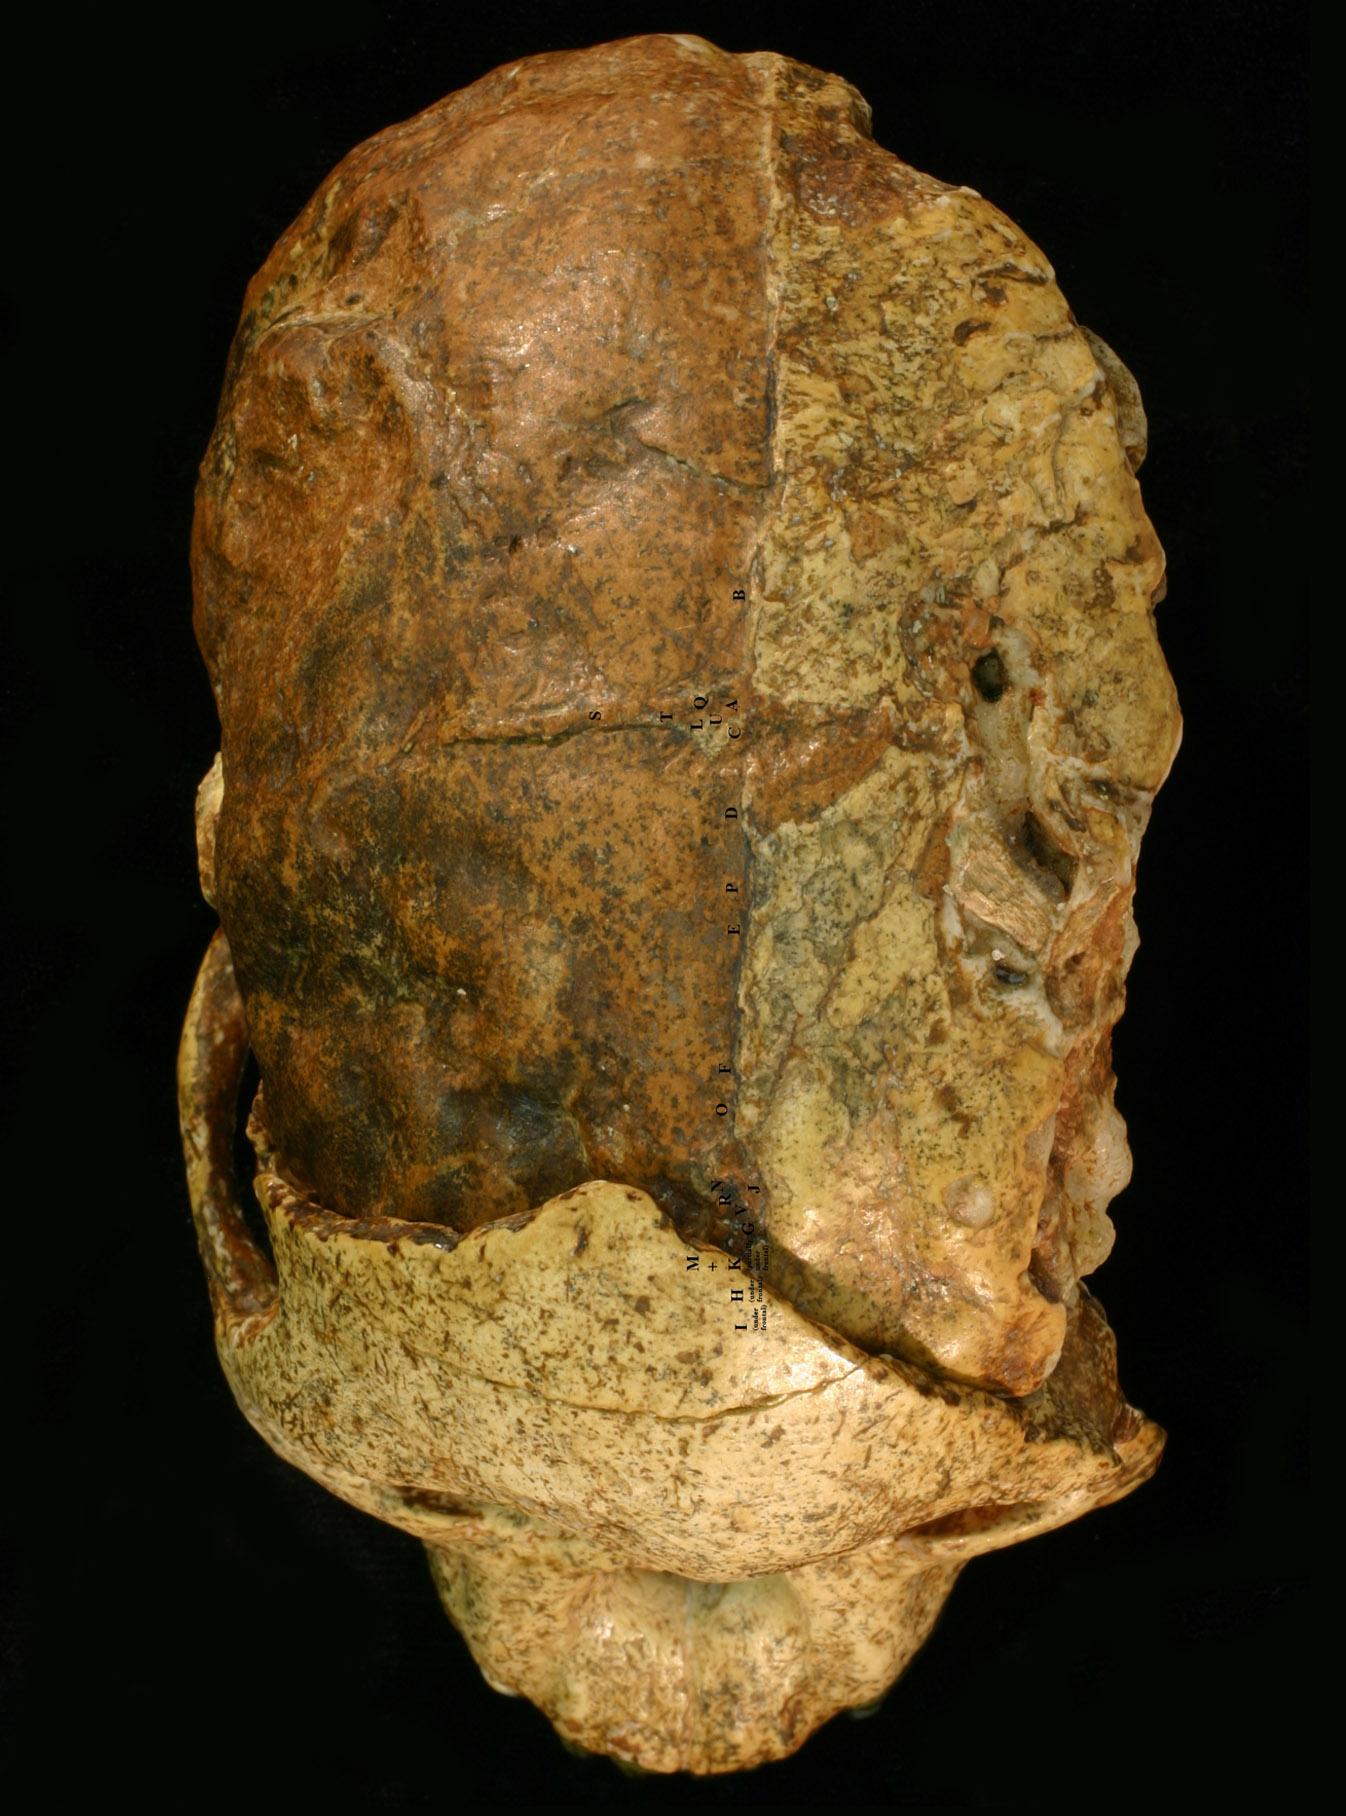 汤恩小孩头骨的进化与结构特征